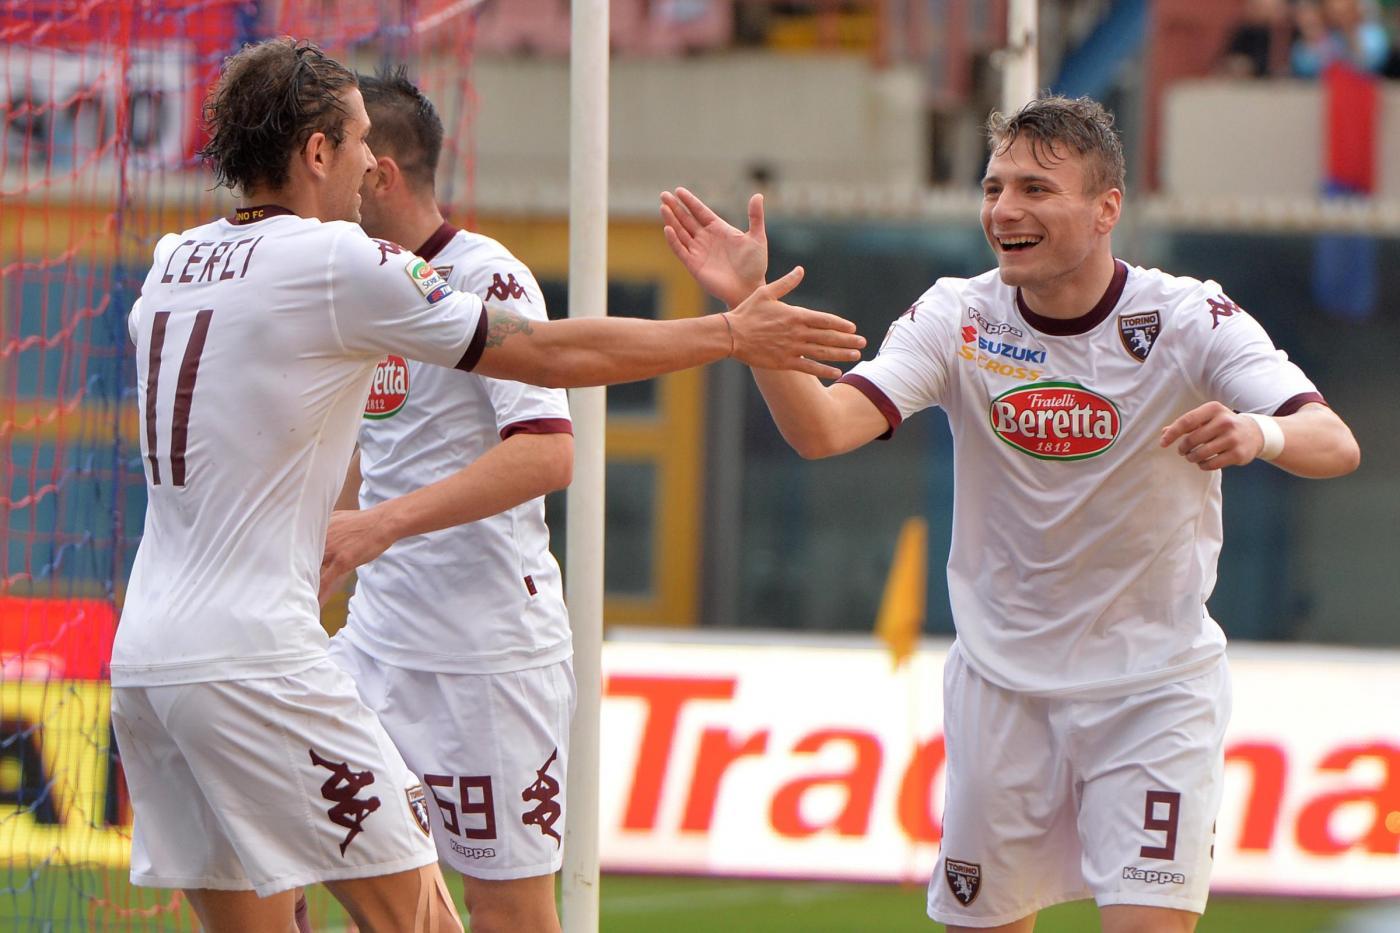 Pagelle Serie A 2013/14: il 33esimo turno